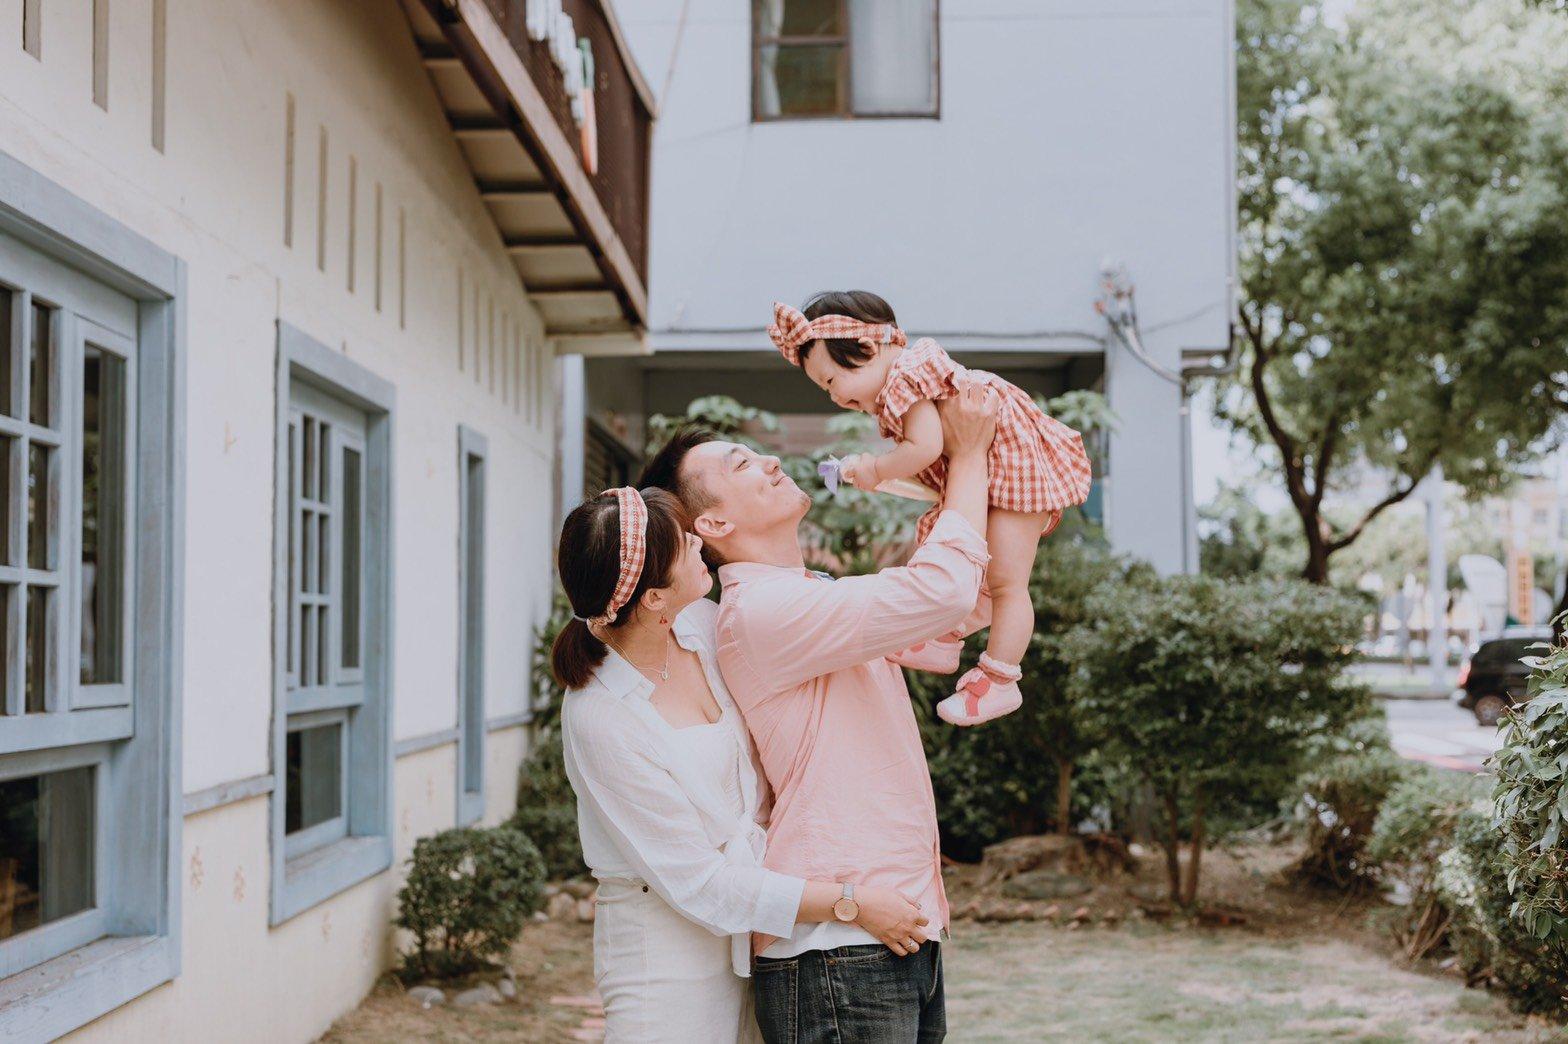 寶寶週歲Party完整紀實|小陽春攝影|南部寶寶攝影